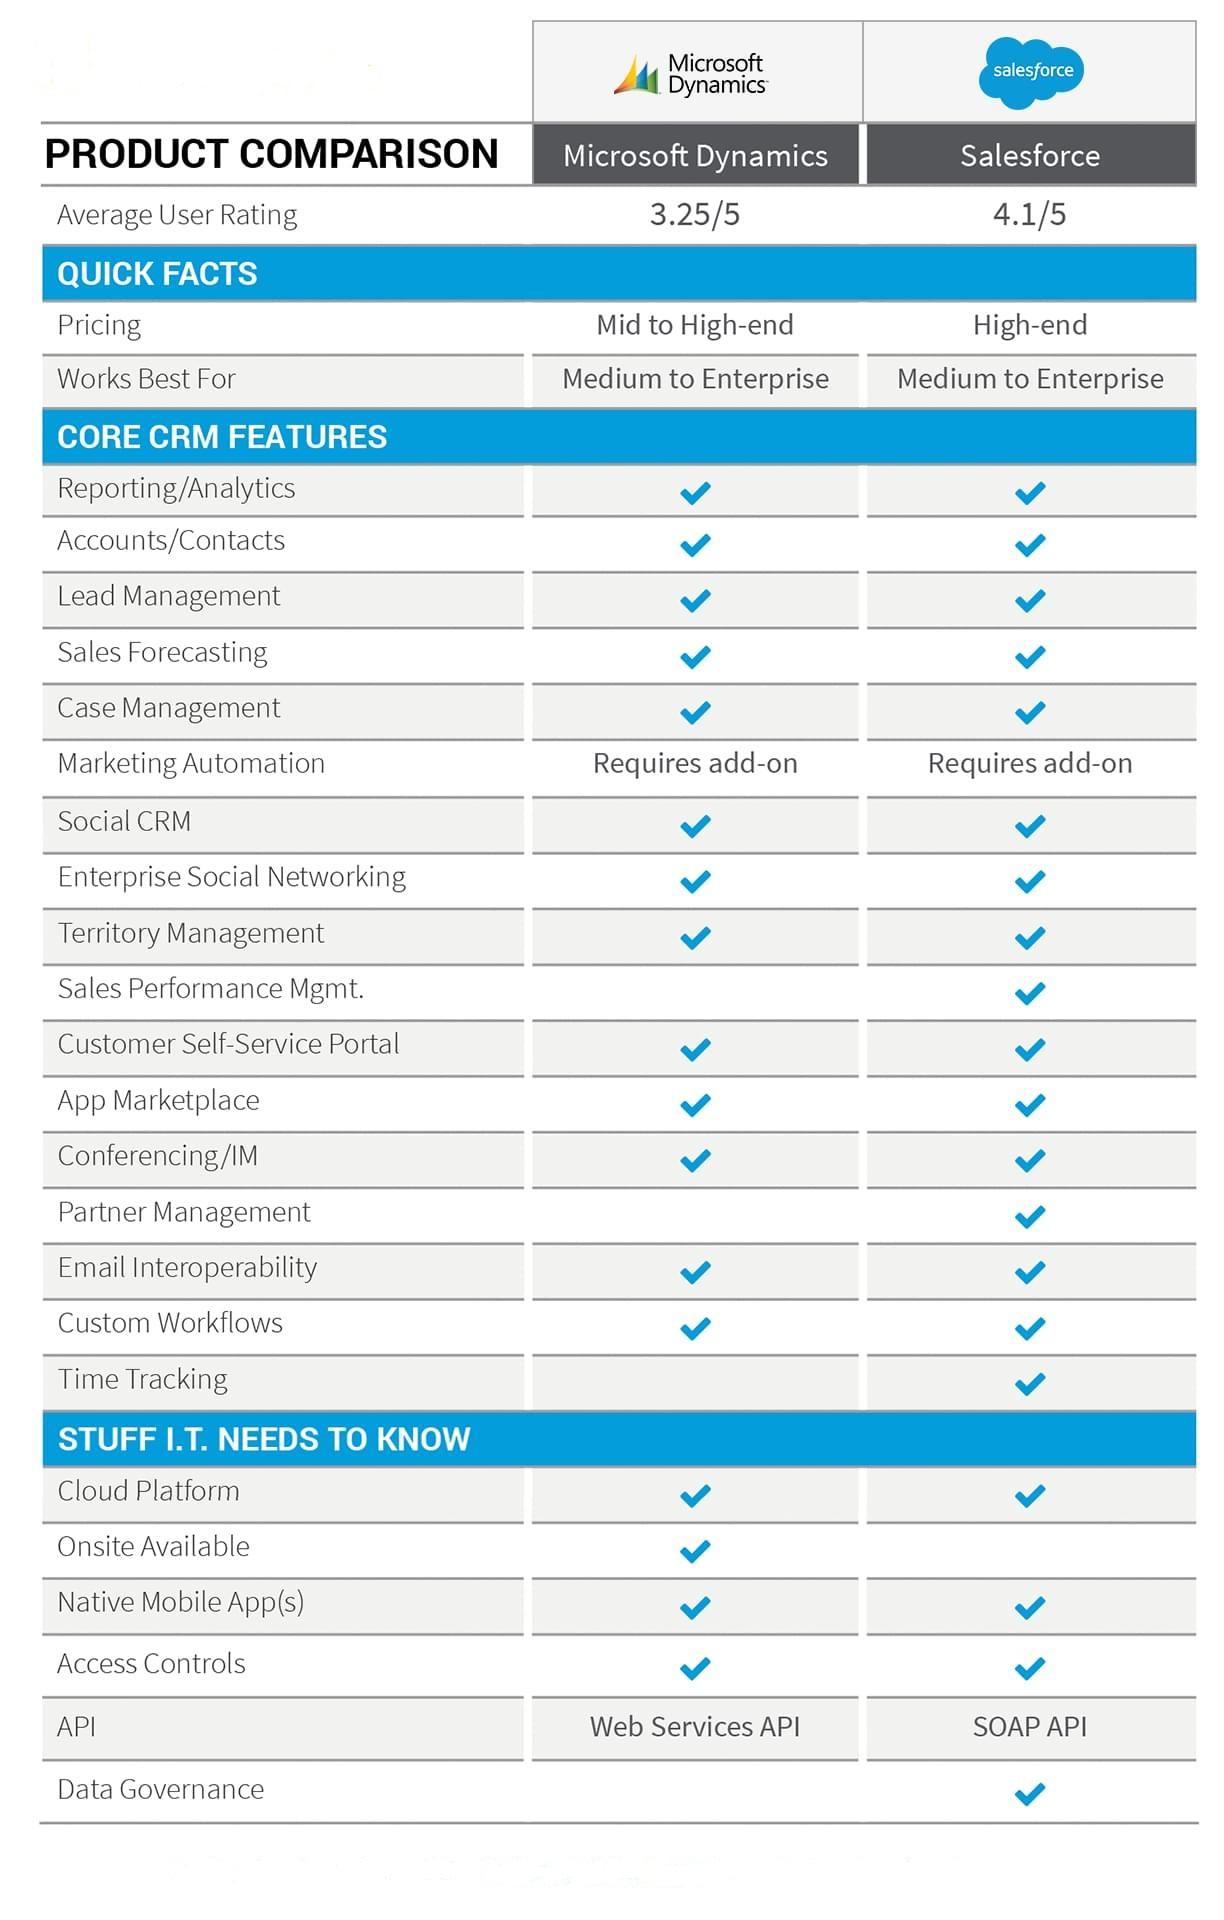 salesforce-dynamics-comparison